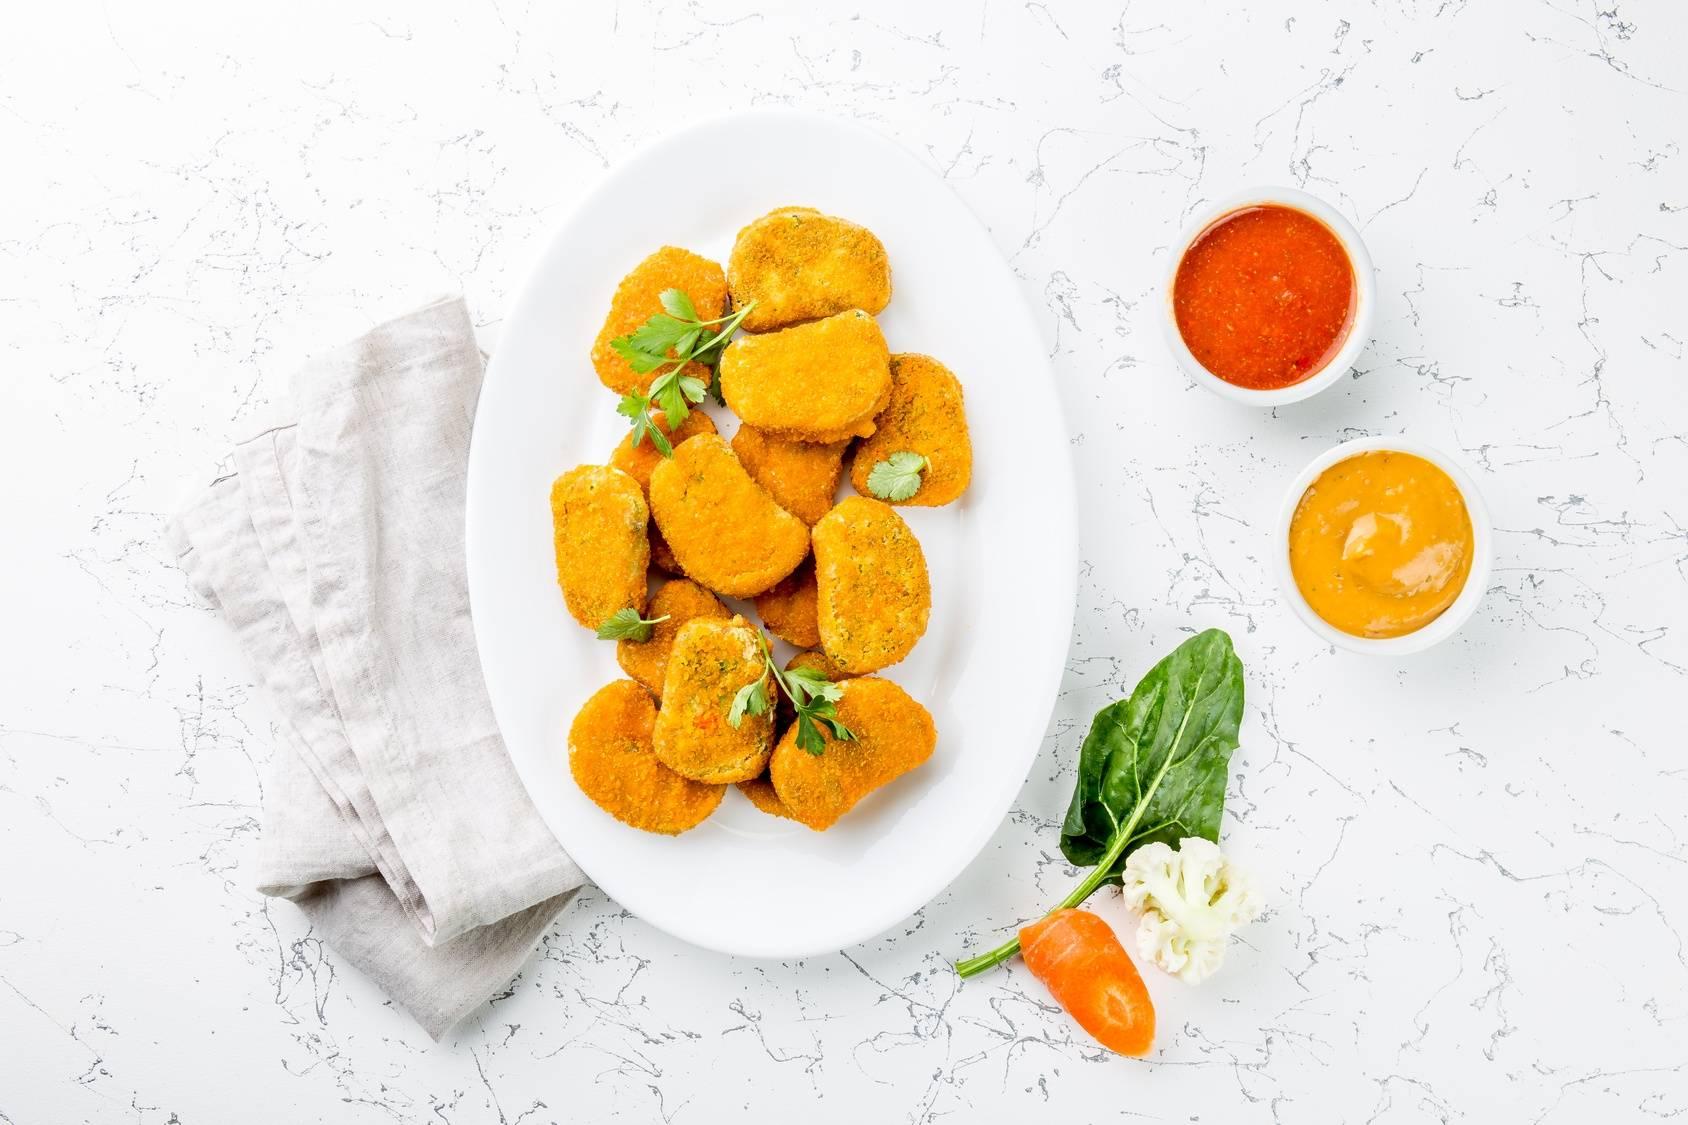 Sprawdź przepis na wegańskie nuggetsy z boczniaków. Zobacz jak przygotować wegańskie smakołyki dla mięsożerców np. nagetsy w panierce.